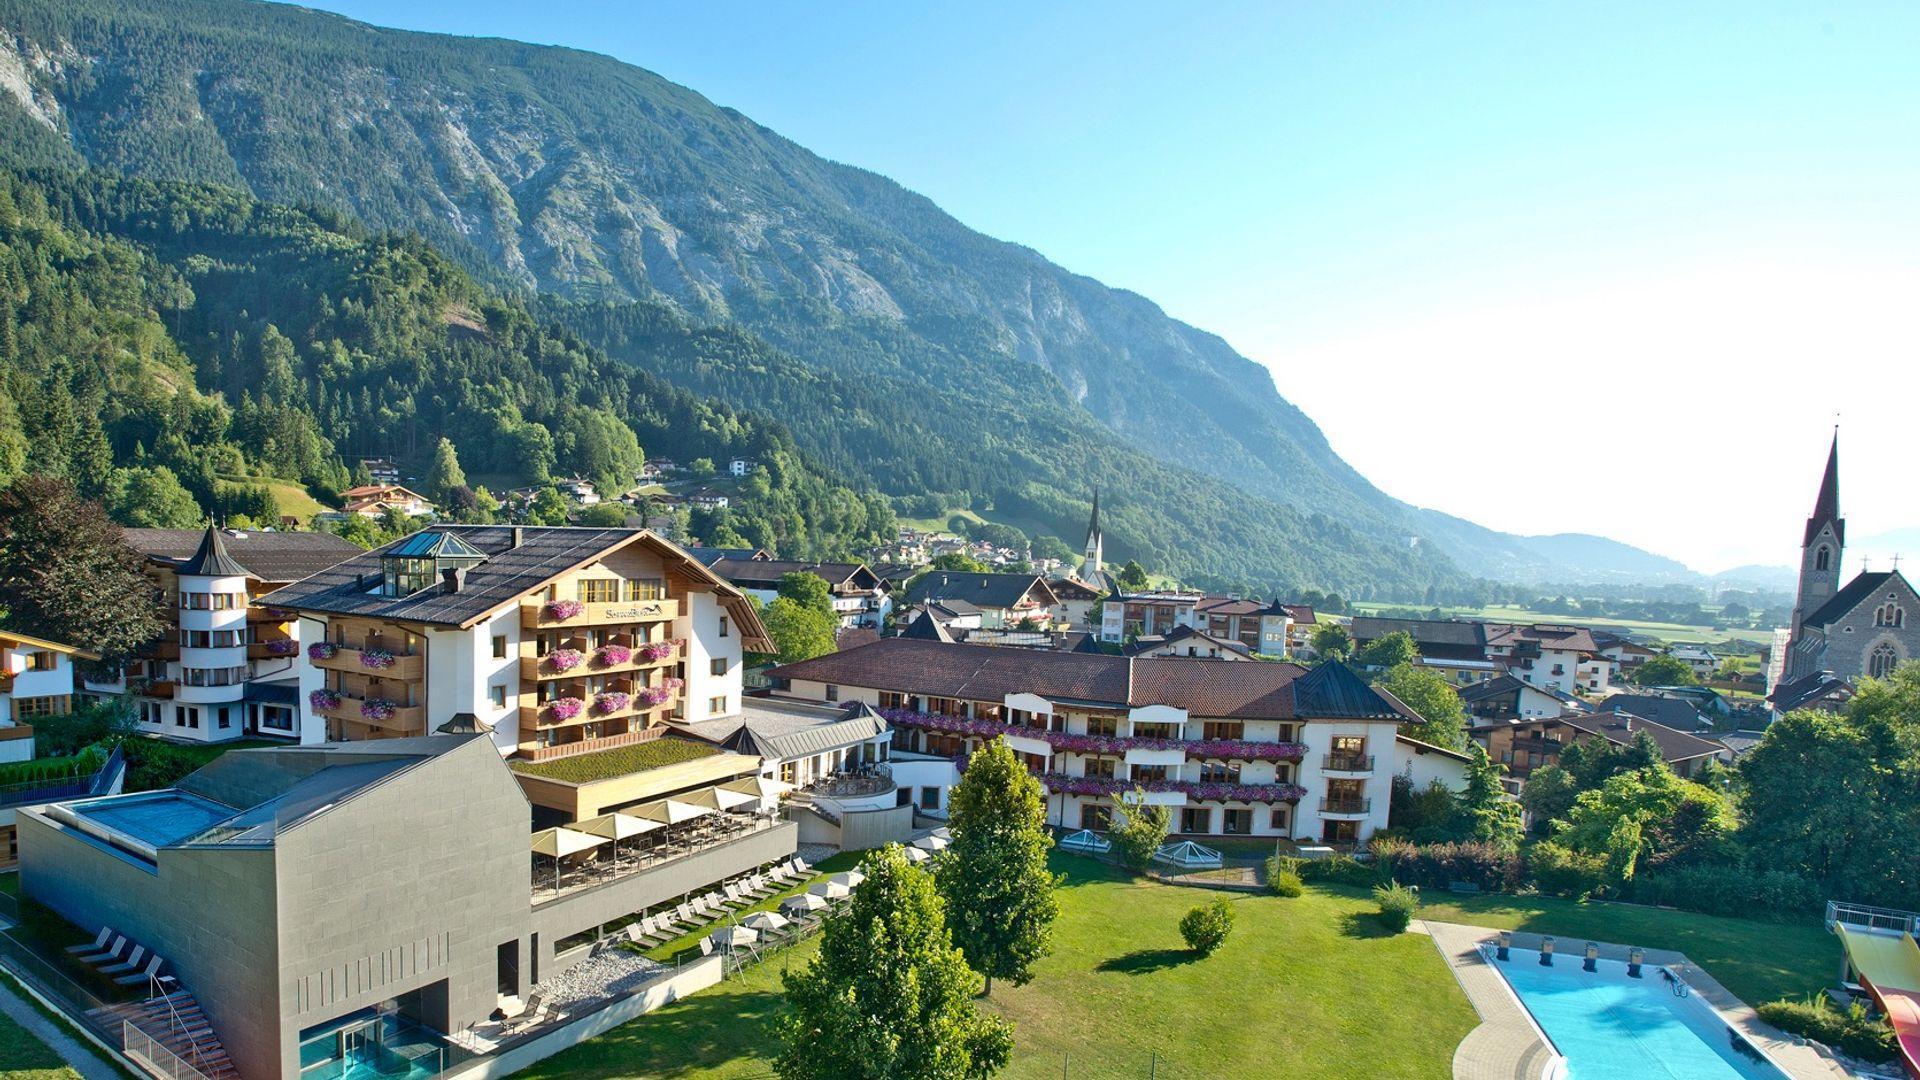 4*S Hotel Schwarzbrunn